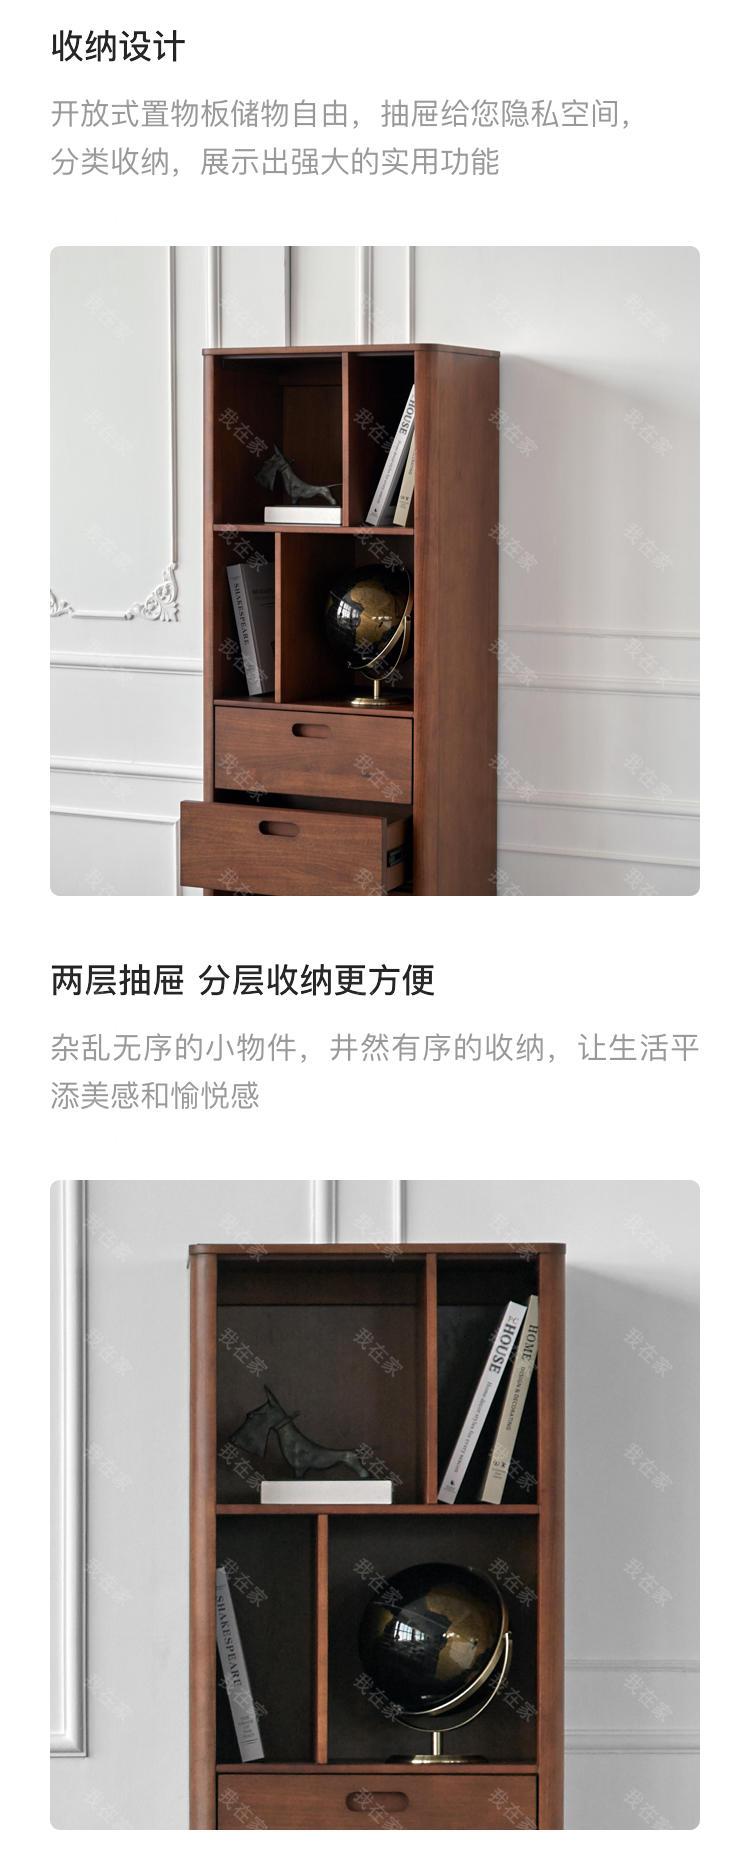 中古风风格马德里立柜的家具详细介绍